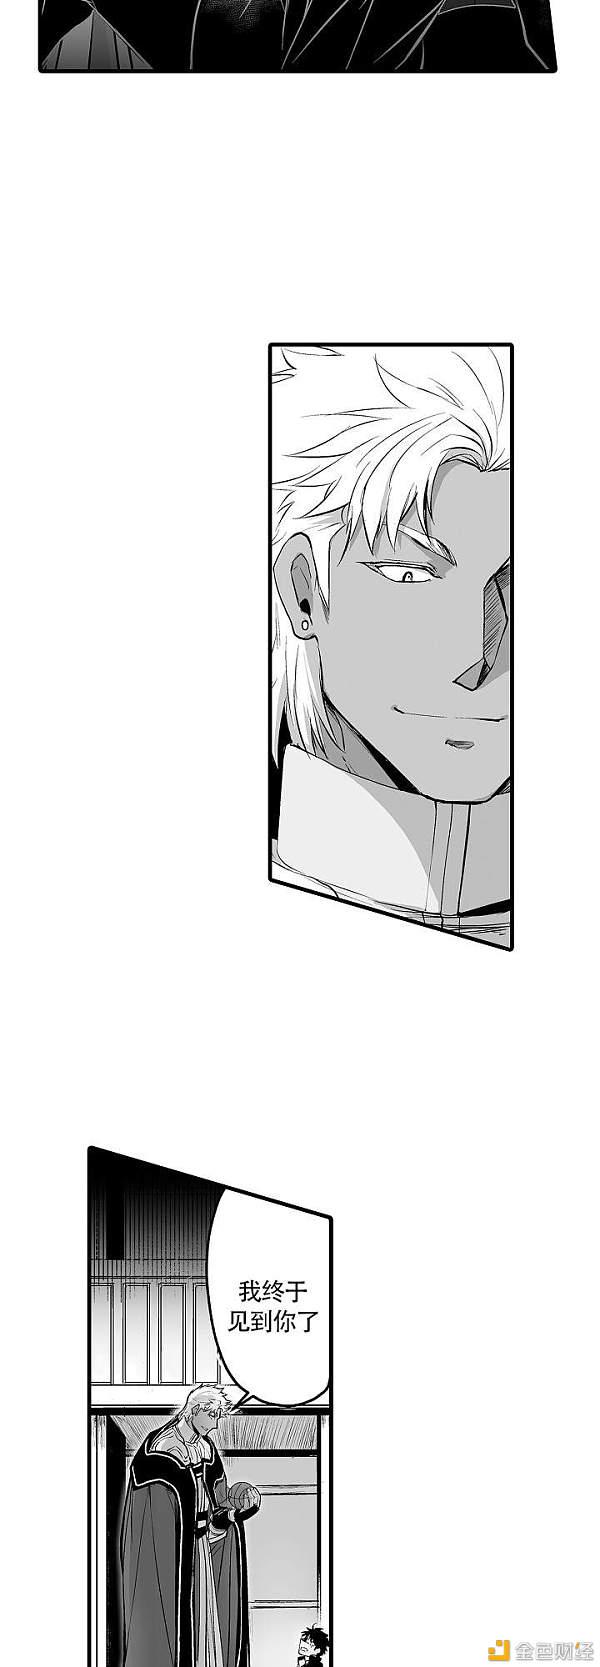 《巨人族の花嫁》(漫画)完整版(全文免费阅读)